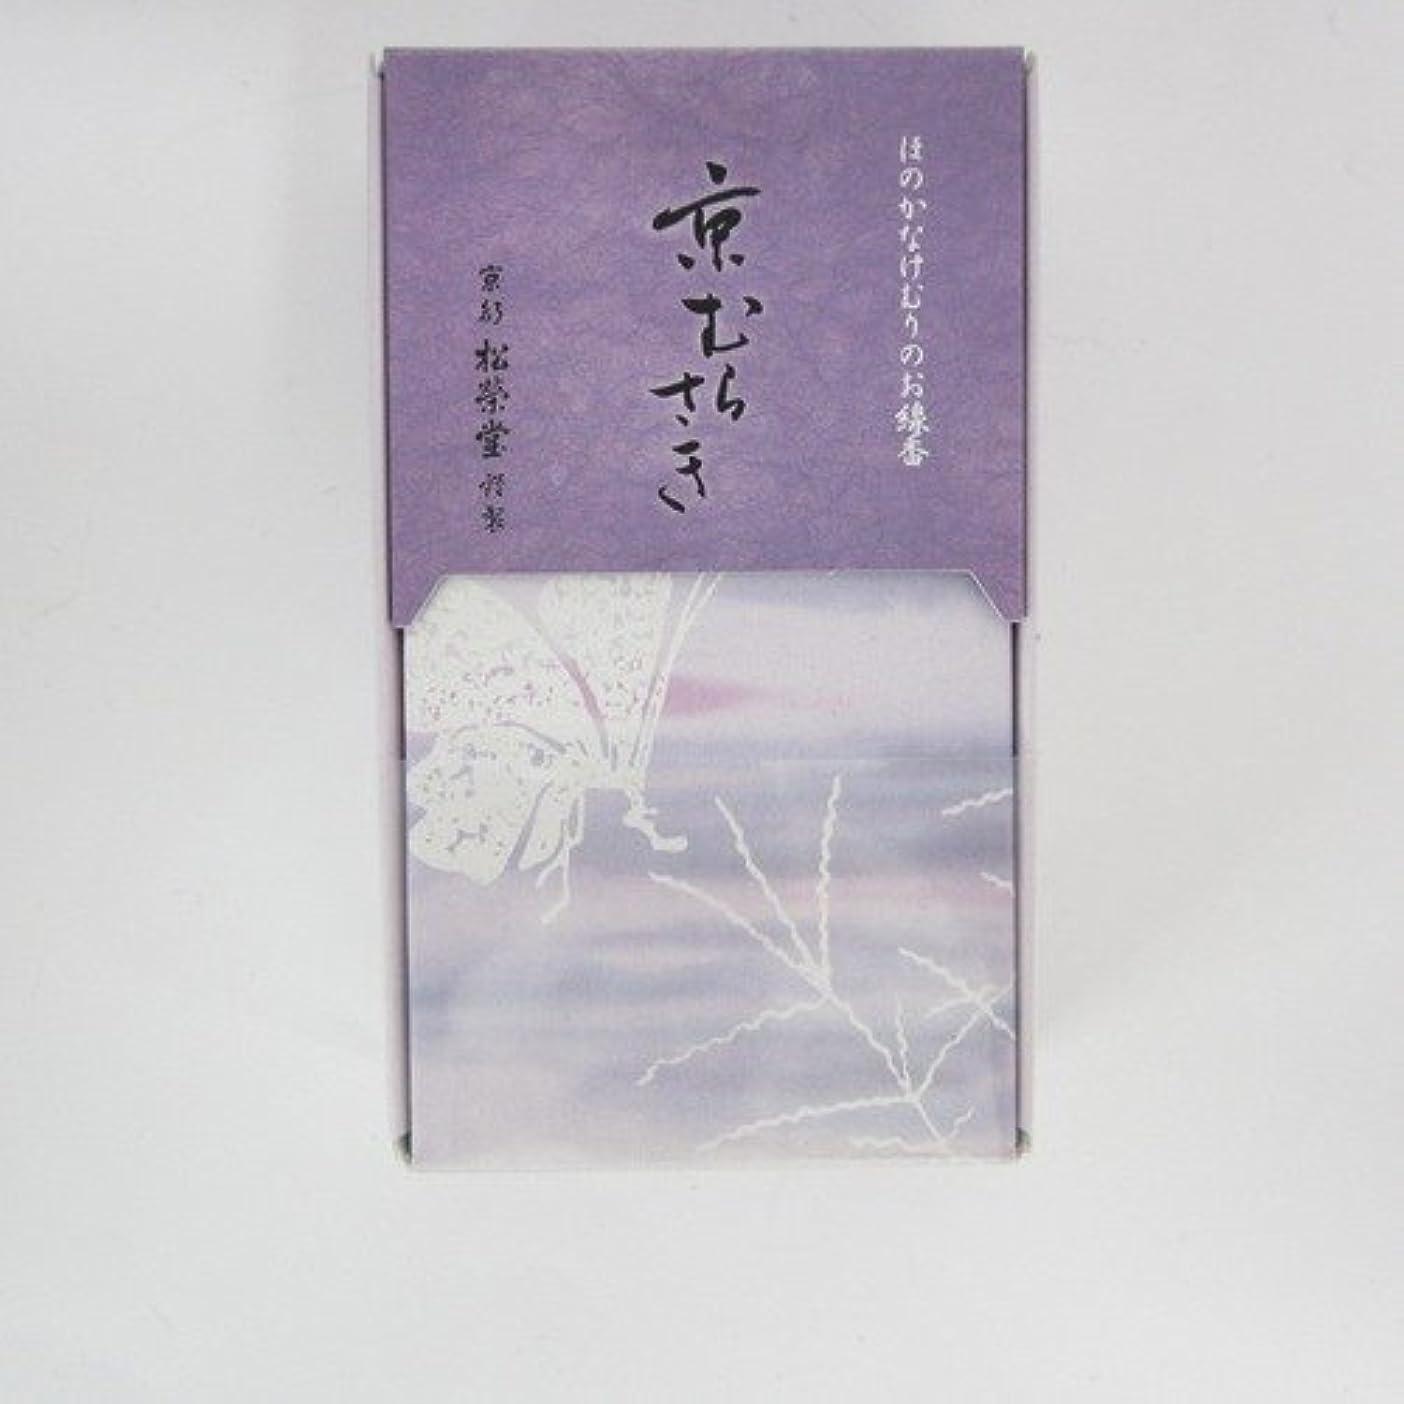 チーフ頻繁に五松栄堂 玉響シリーズ 京むらさき 45g